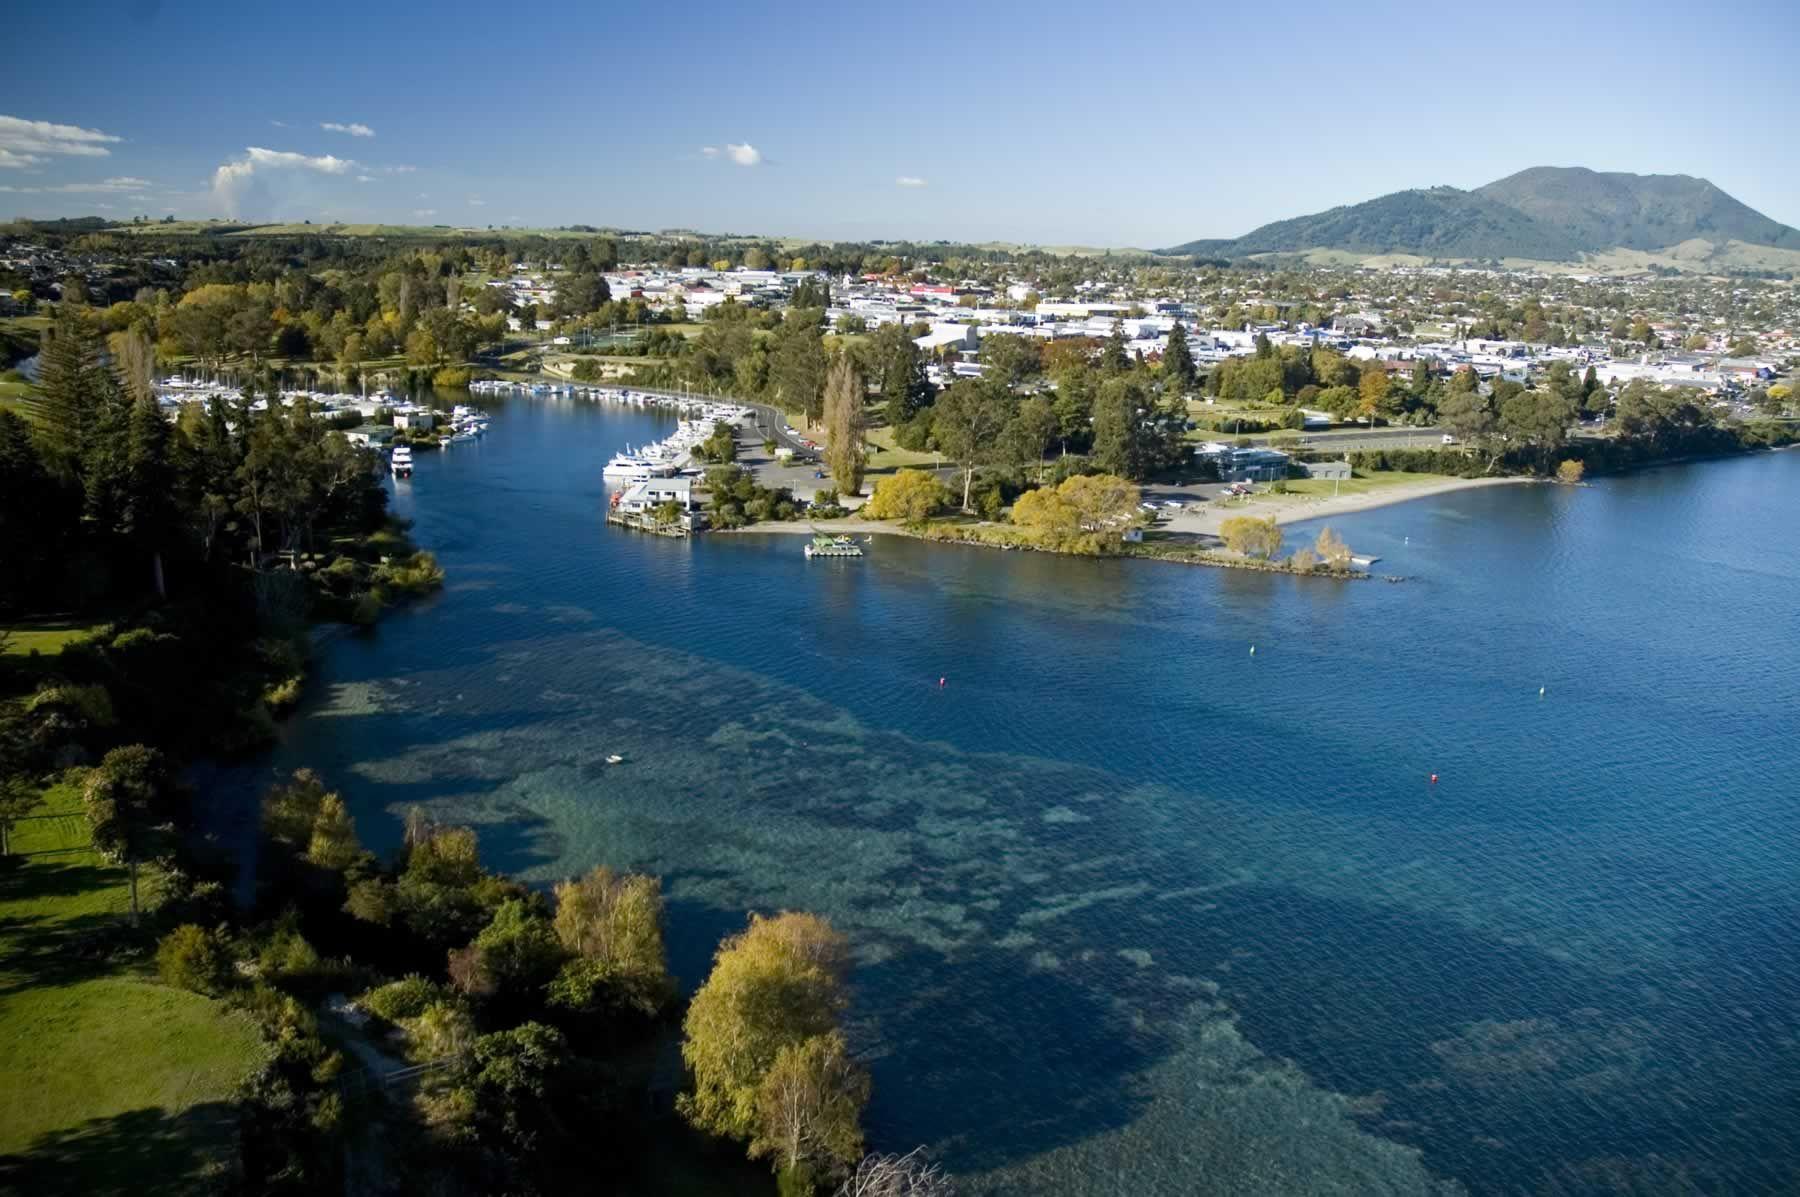 Amoklauf Neuseeland Video Pinterest: Pin Von Evil Happiness Auf Reiseziele